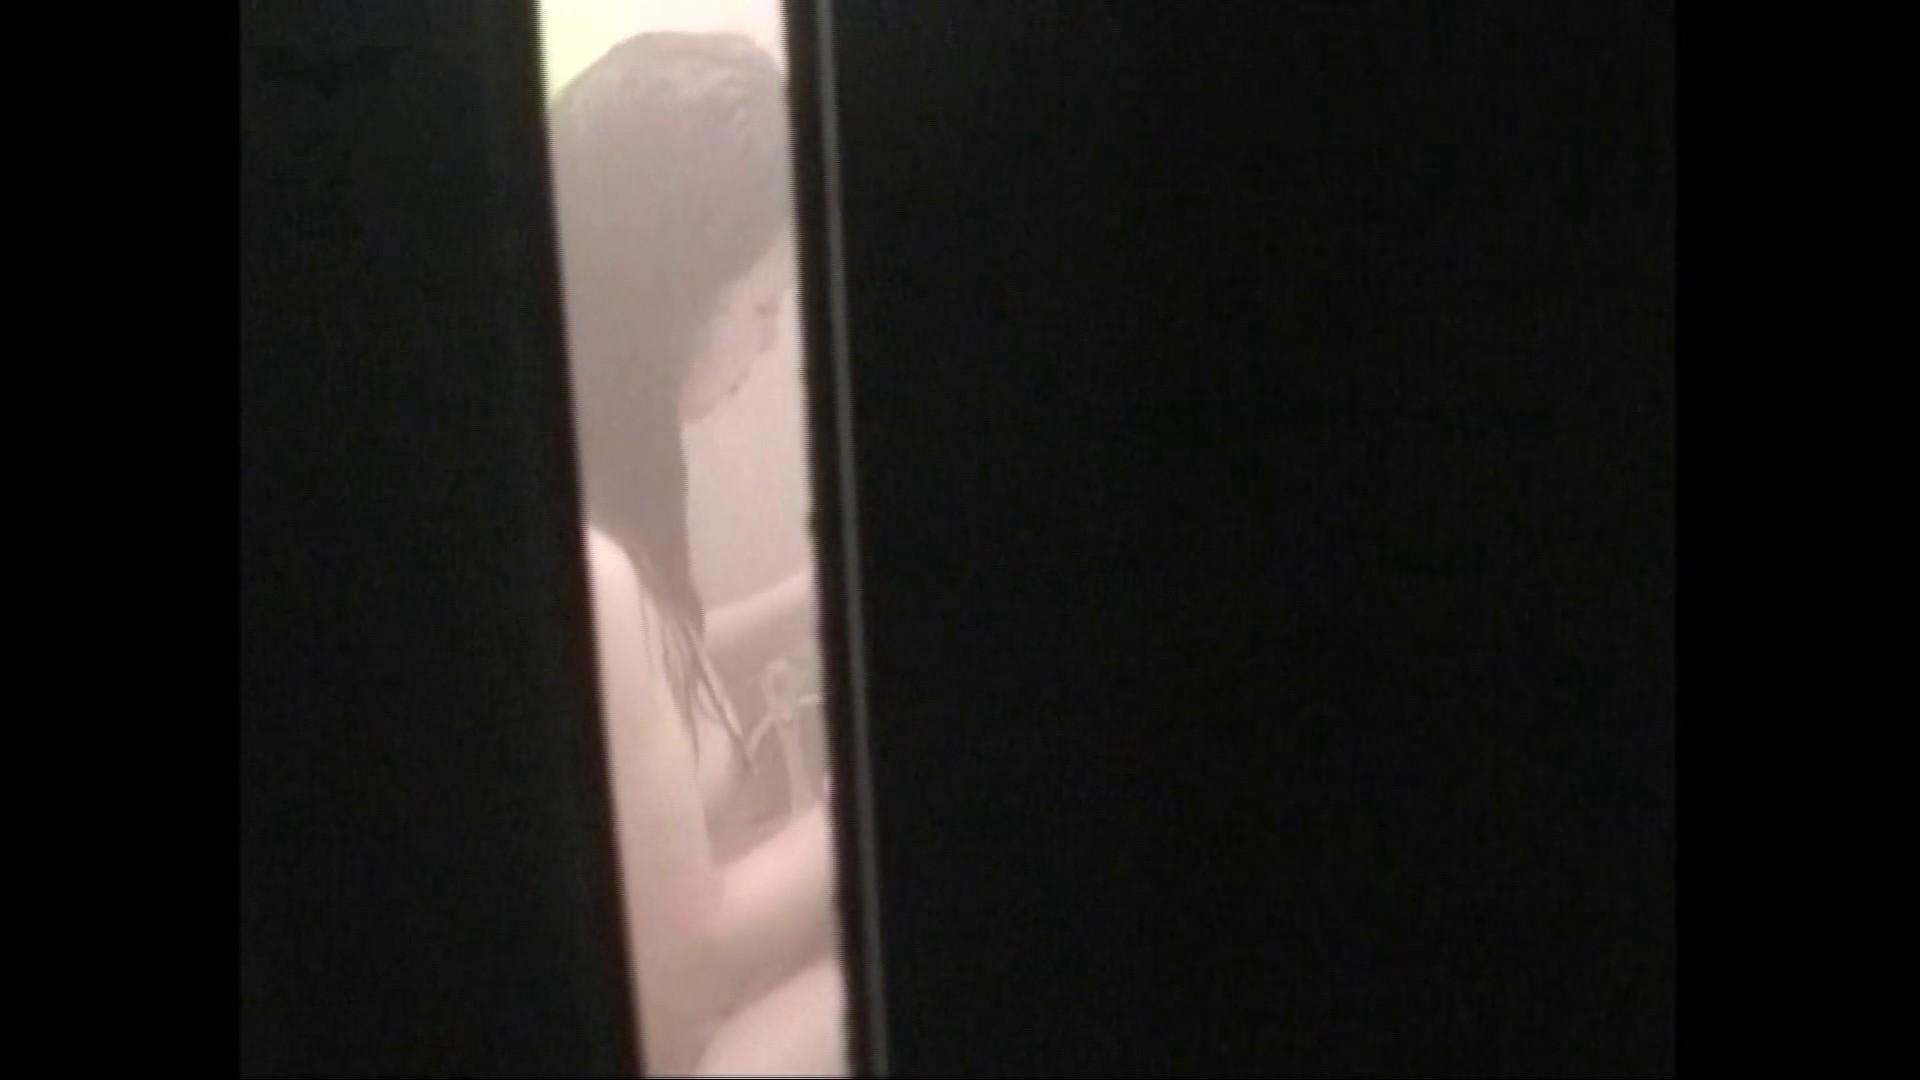 隙間からノゾク風呂 Vol.28 色白のロングヘアー美人がワシャワシャと。 美人  104pic 99